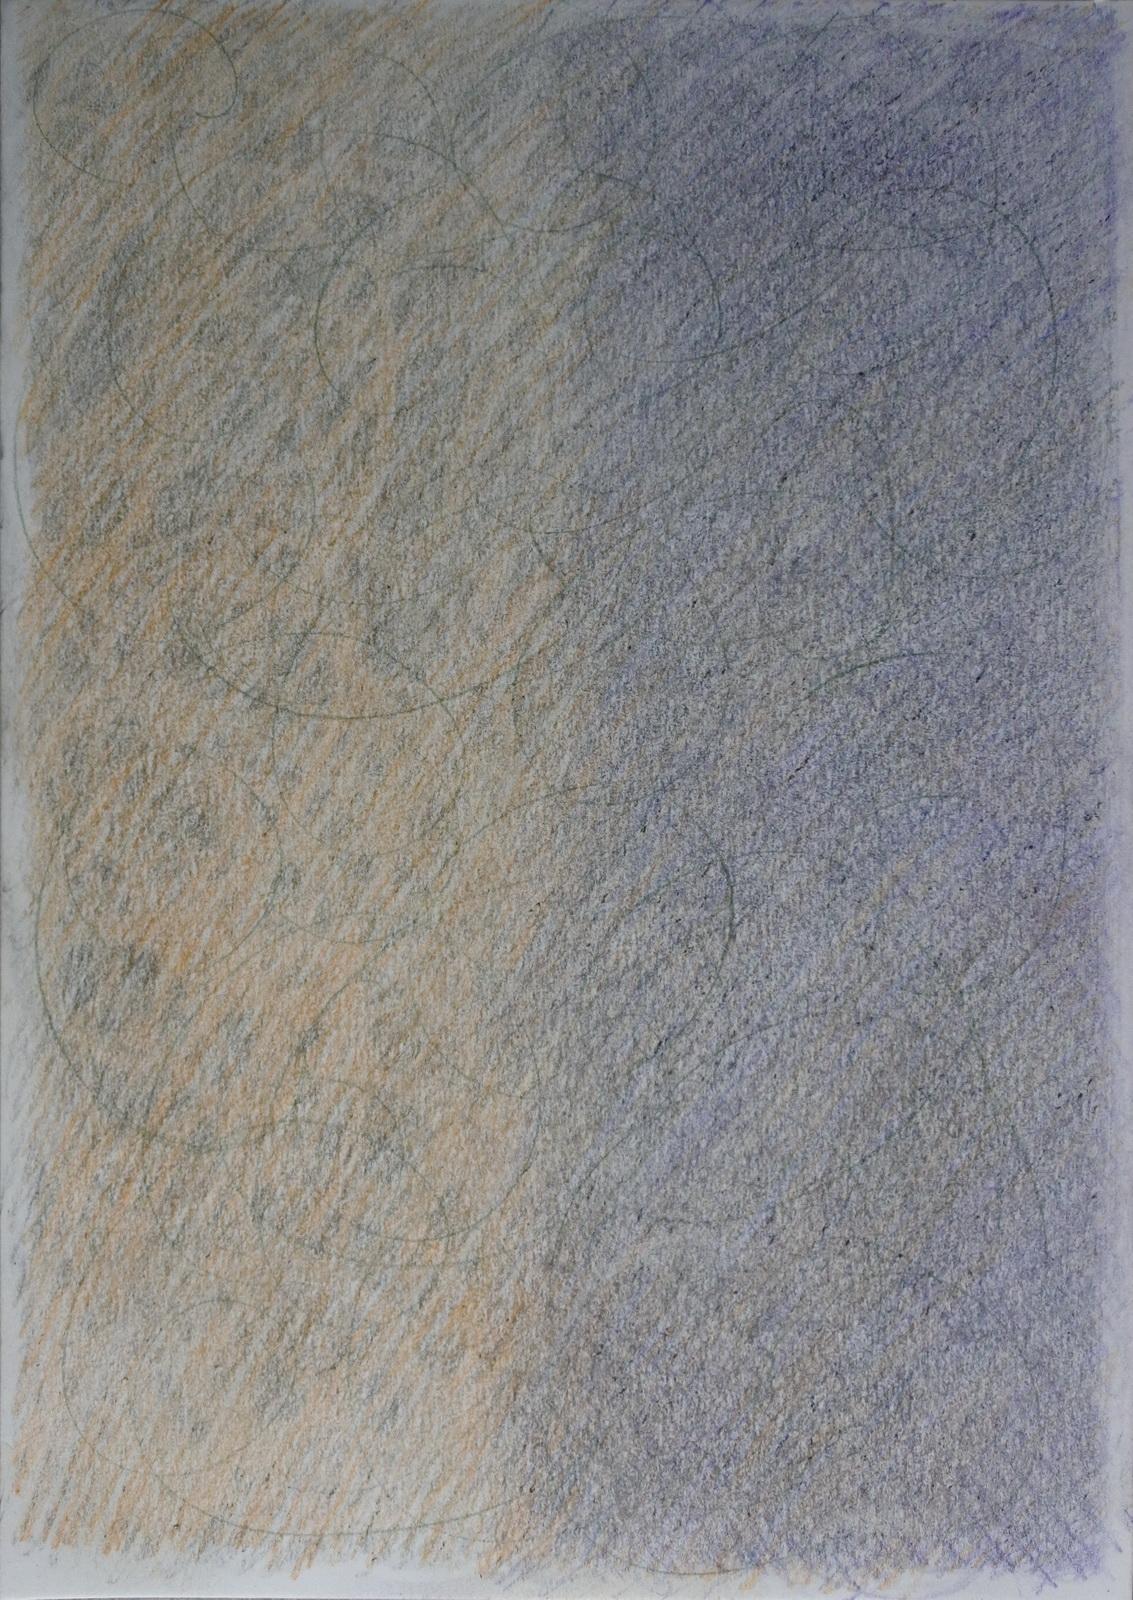 Crayons de couleur 2020. 30 x 21 cm